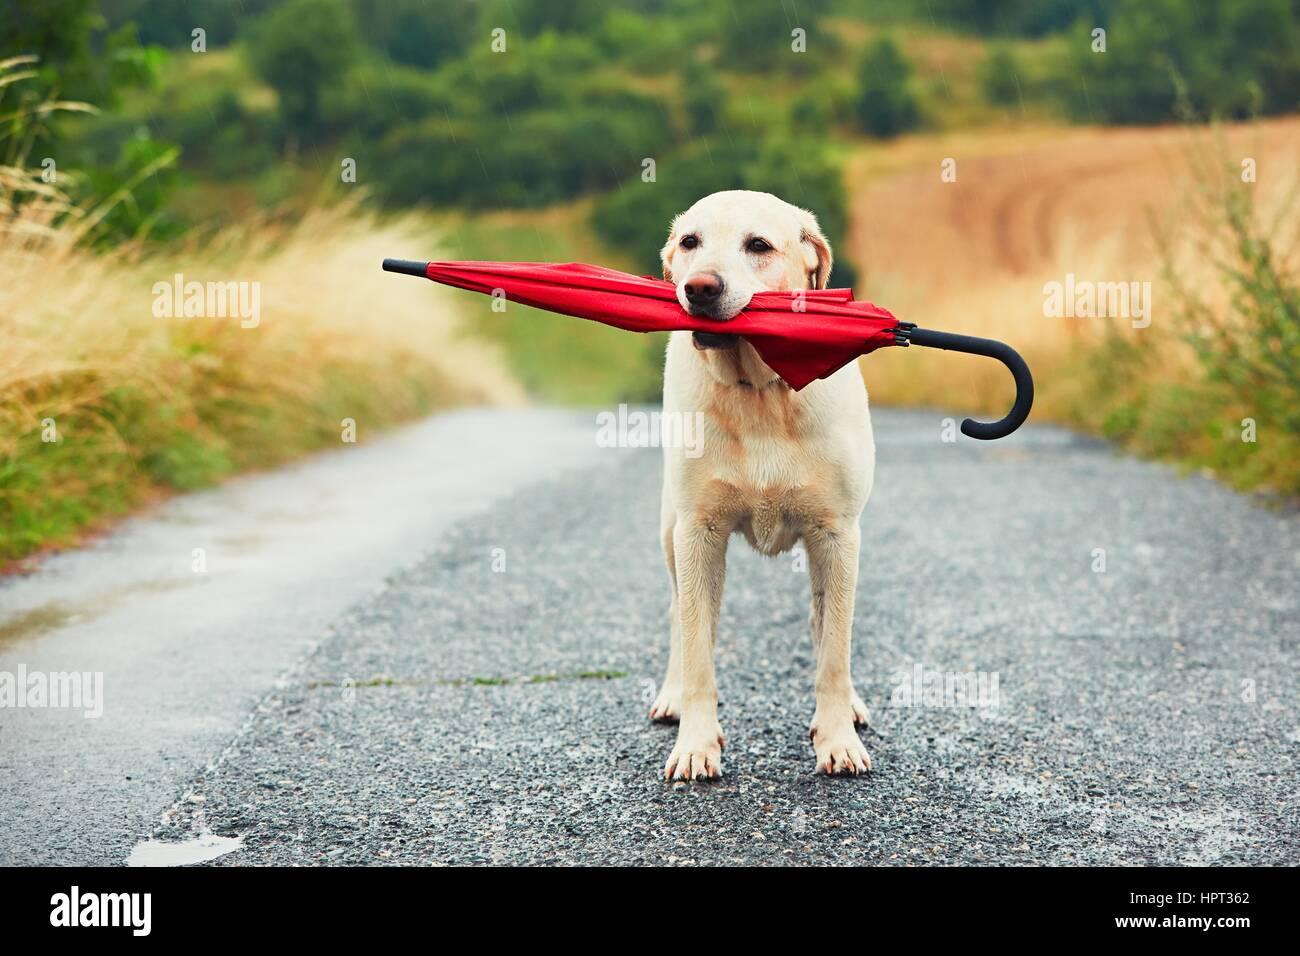 Chien obéissant à des mauvais jours. Adorable labrador retriever est maintenant parapluie rouge dans la Photo Stock